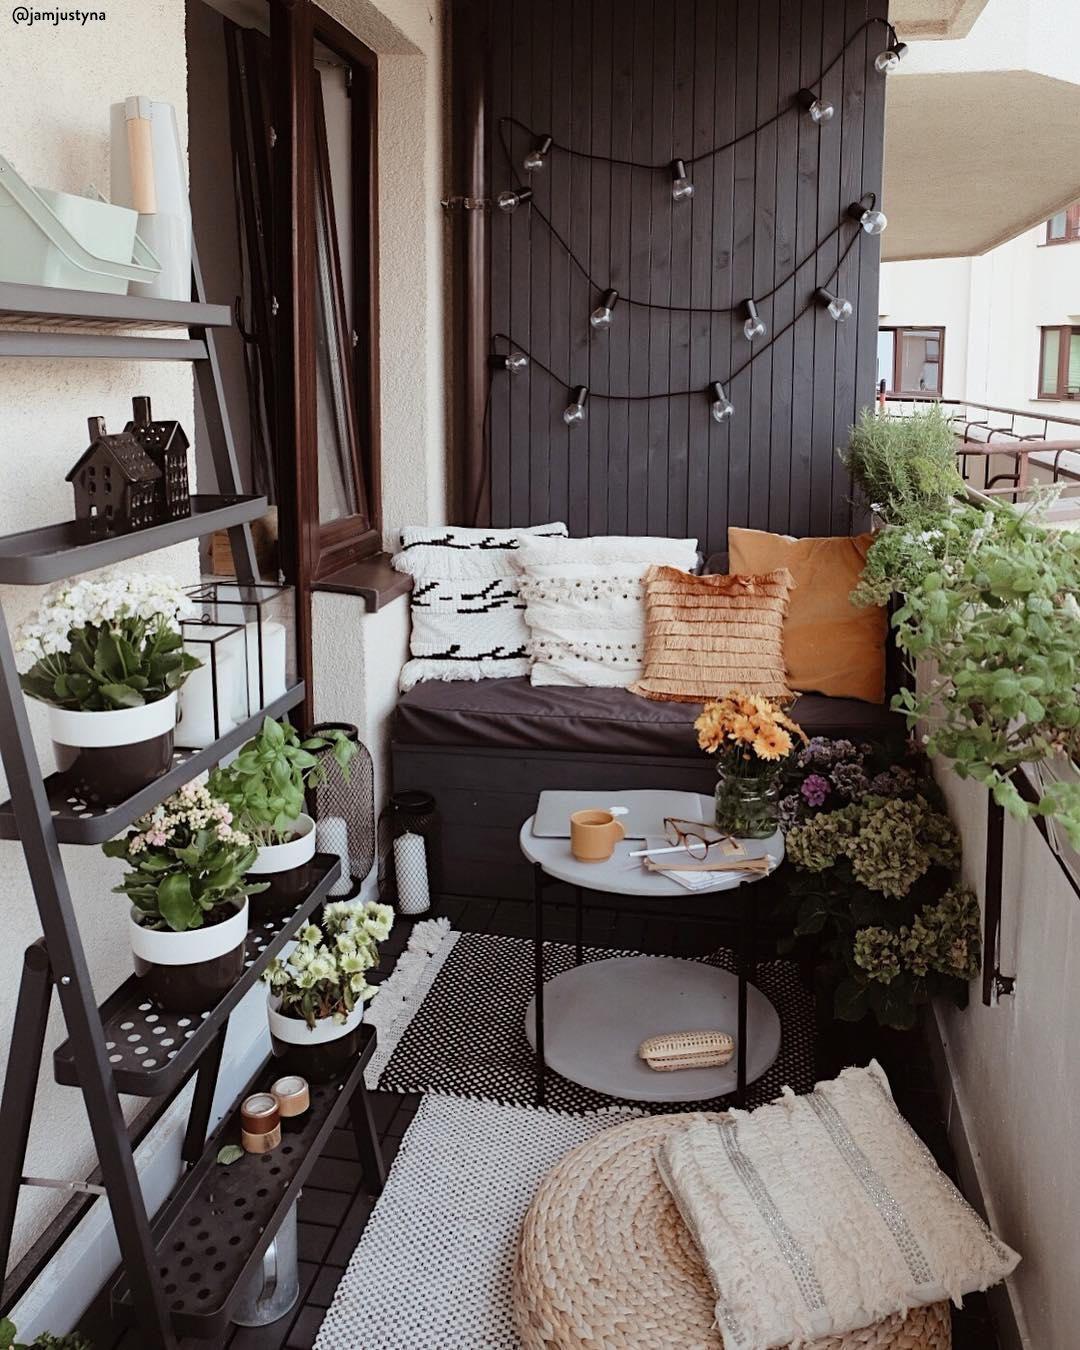 Come Arredare Un Balcone Piccolo Lo Spazio Deve Essere Utilizzato Al Meglio Decorazione Balcone Di Appartamento Decorazione Di Appartamenti Balconi Piccoli